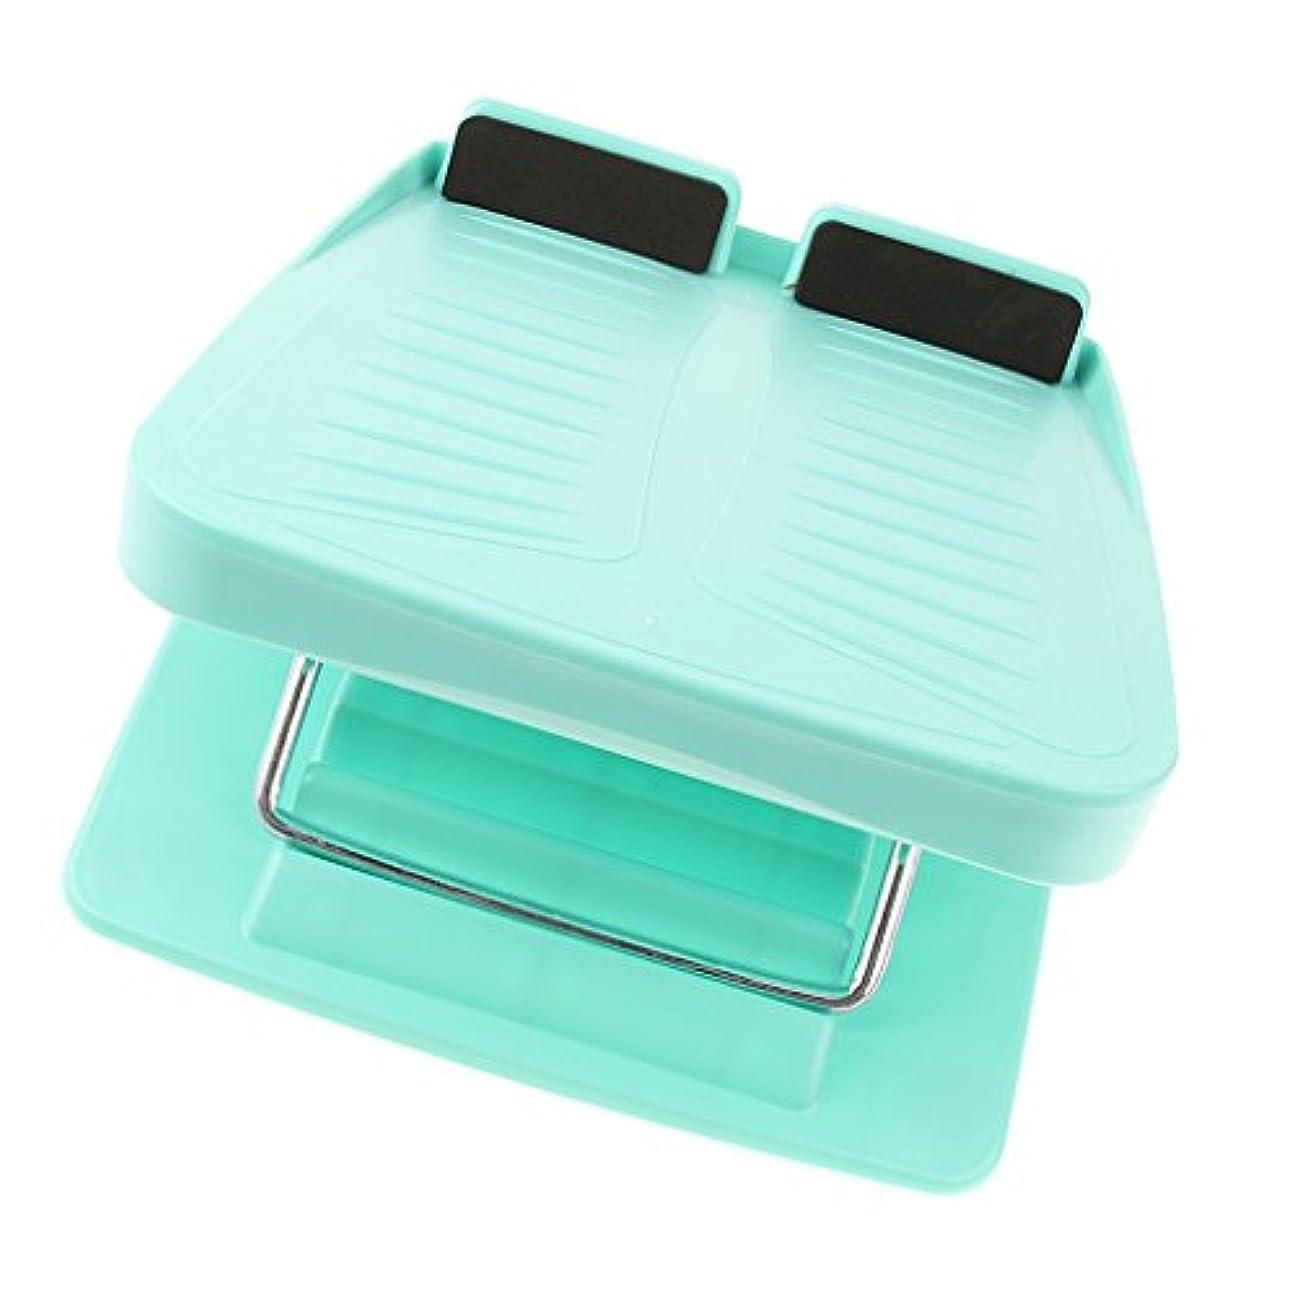 幅講師減るsharprepublic 調整可能 スラントボード アンチスリップ カーフストレッチ 斜面ボード ウェッジストレッチャー 3色 - 青